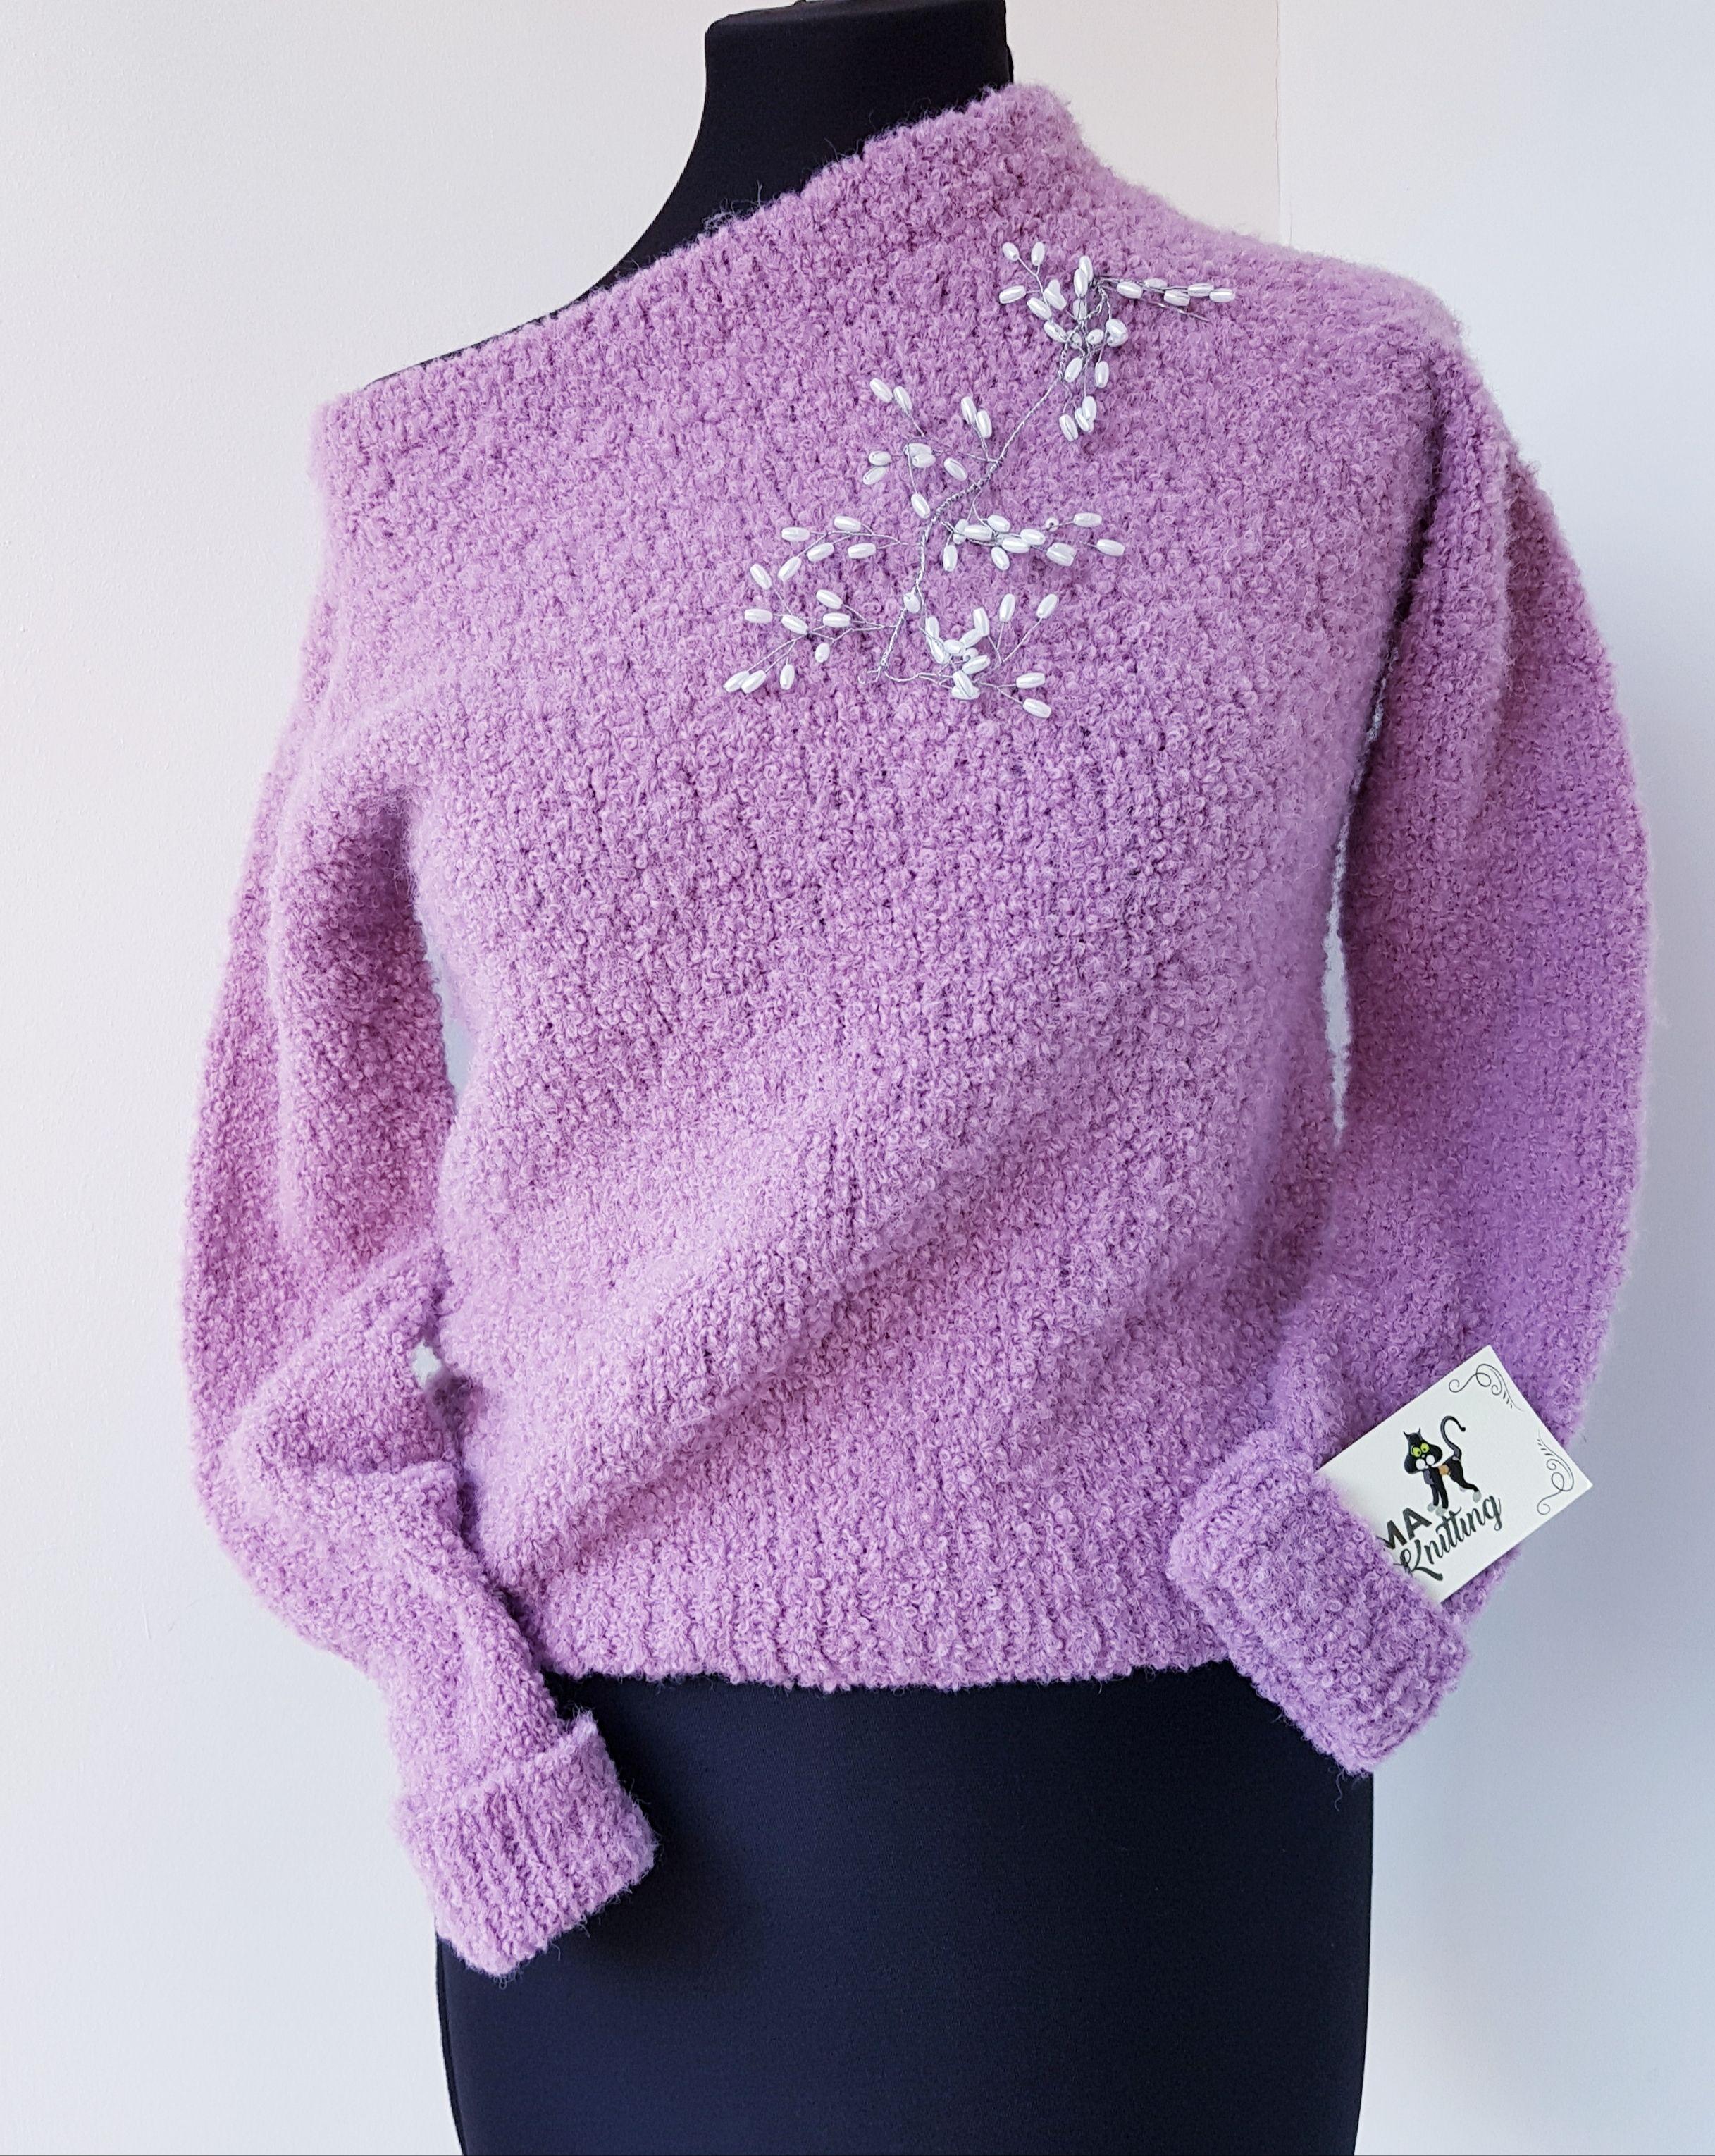 426d44306225 Нежный сиренево-розовый пуловер из буклированной пряжи. | вязание ...